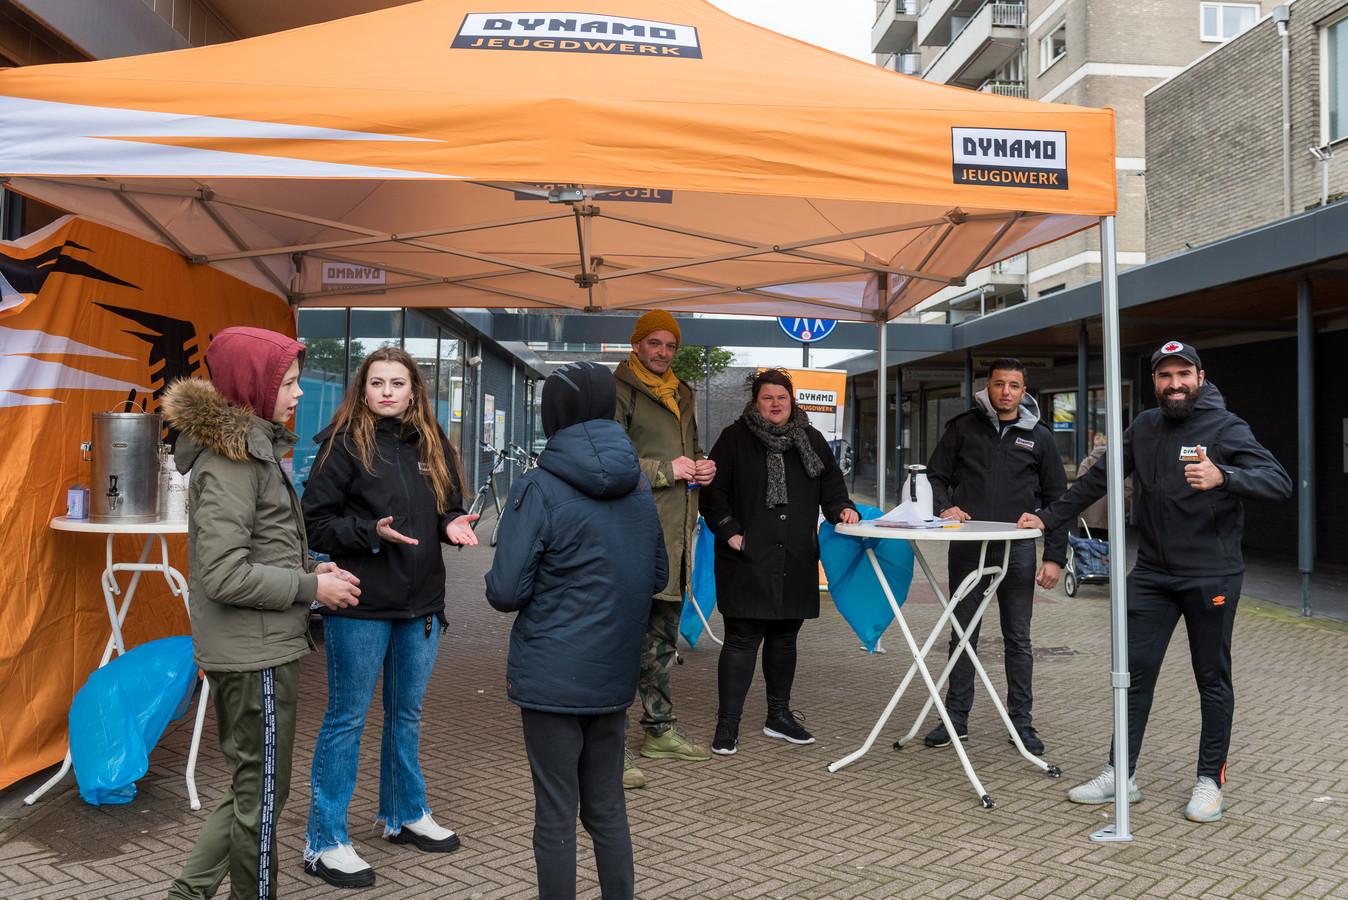 De jongerenwerkers van Dynamo Jeugdwerk gaan in gesprek met enkele jongeren.